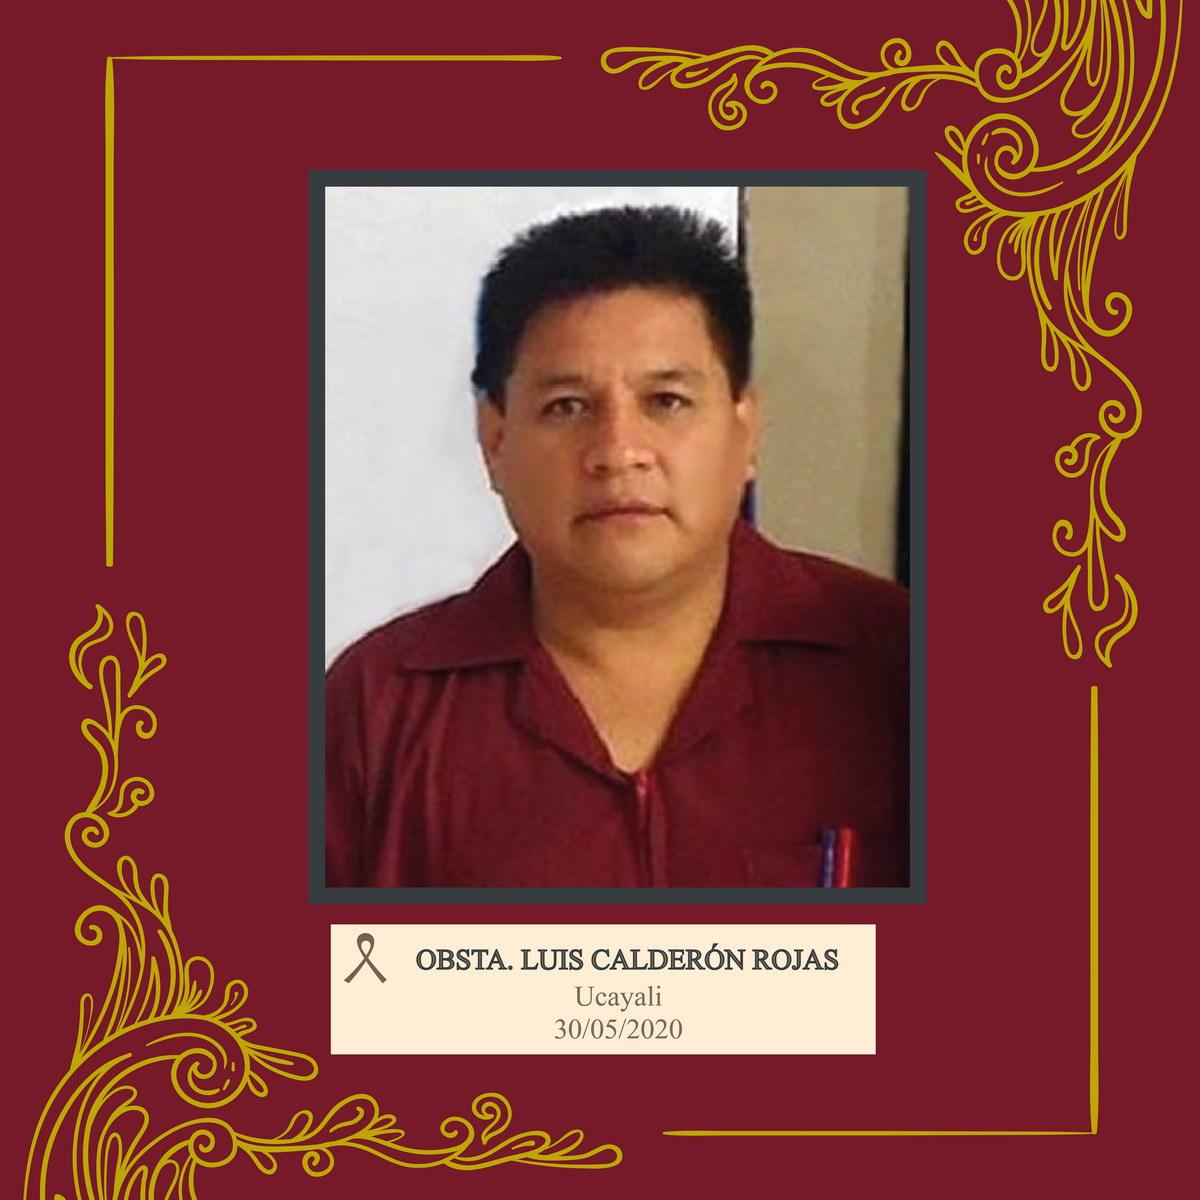 Luis Calderón Rojas